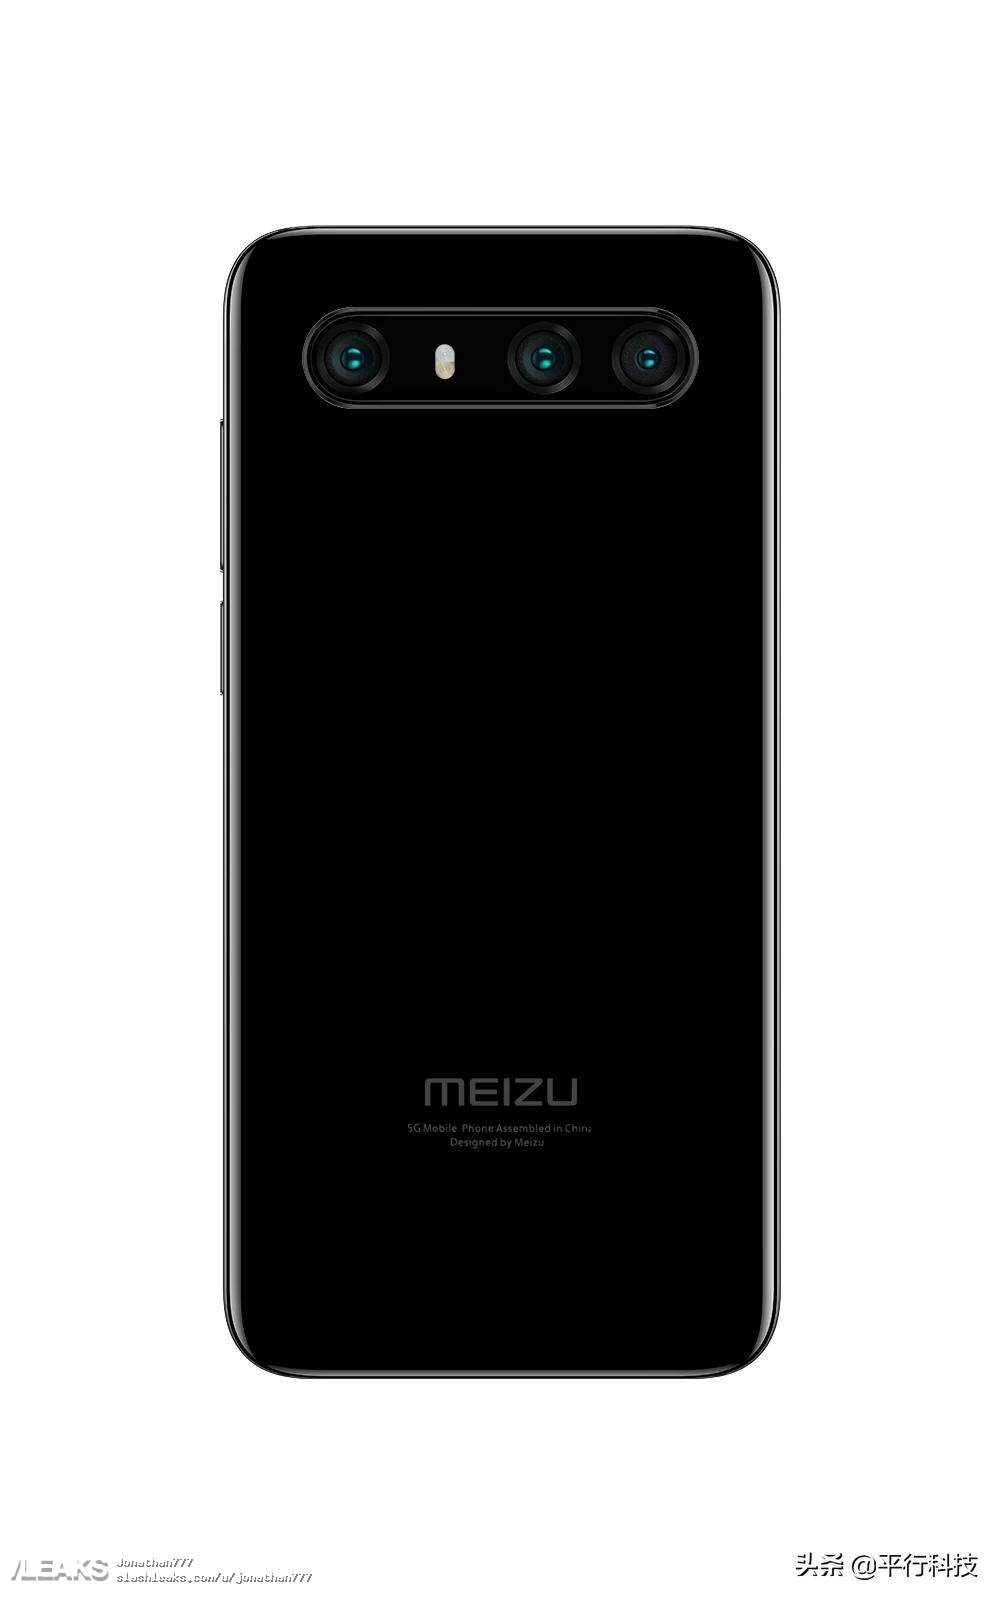 Первые подробности о смартфонах Meizu 17 (meizu 17 leaks 148 large large)